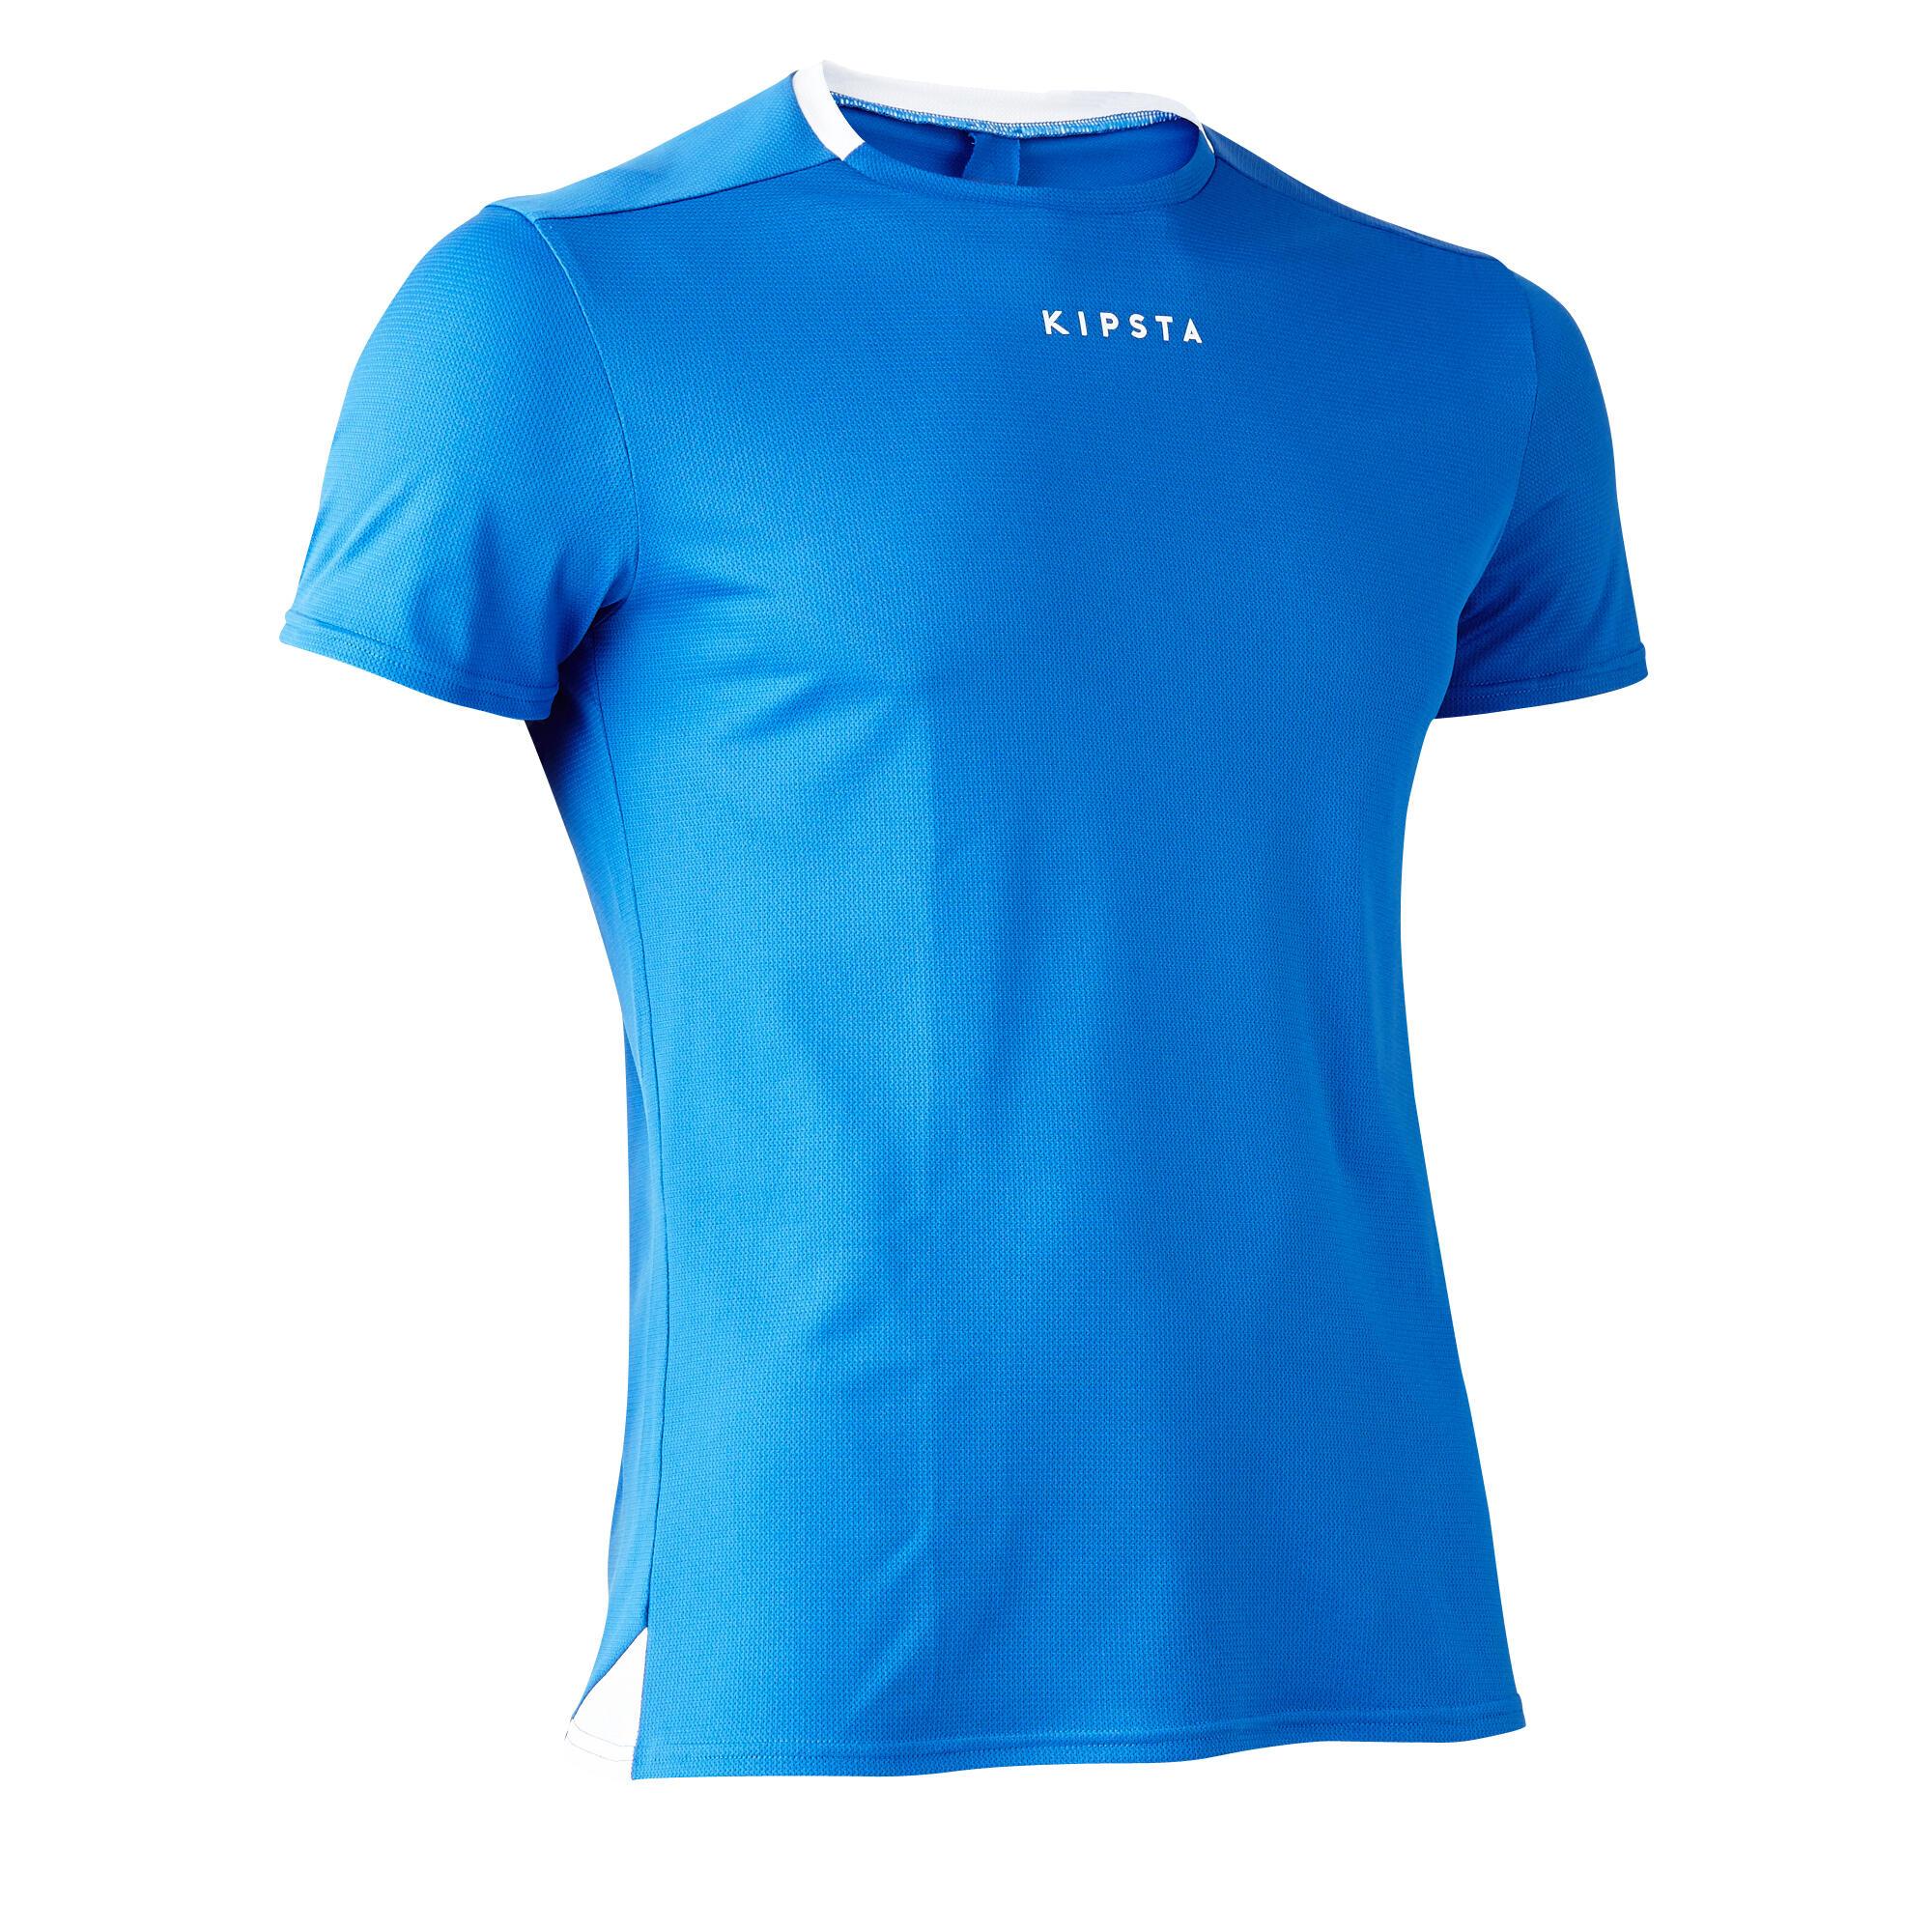 Kipsta Voetbalshirt F100 voor volwassenen blauw